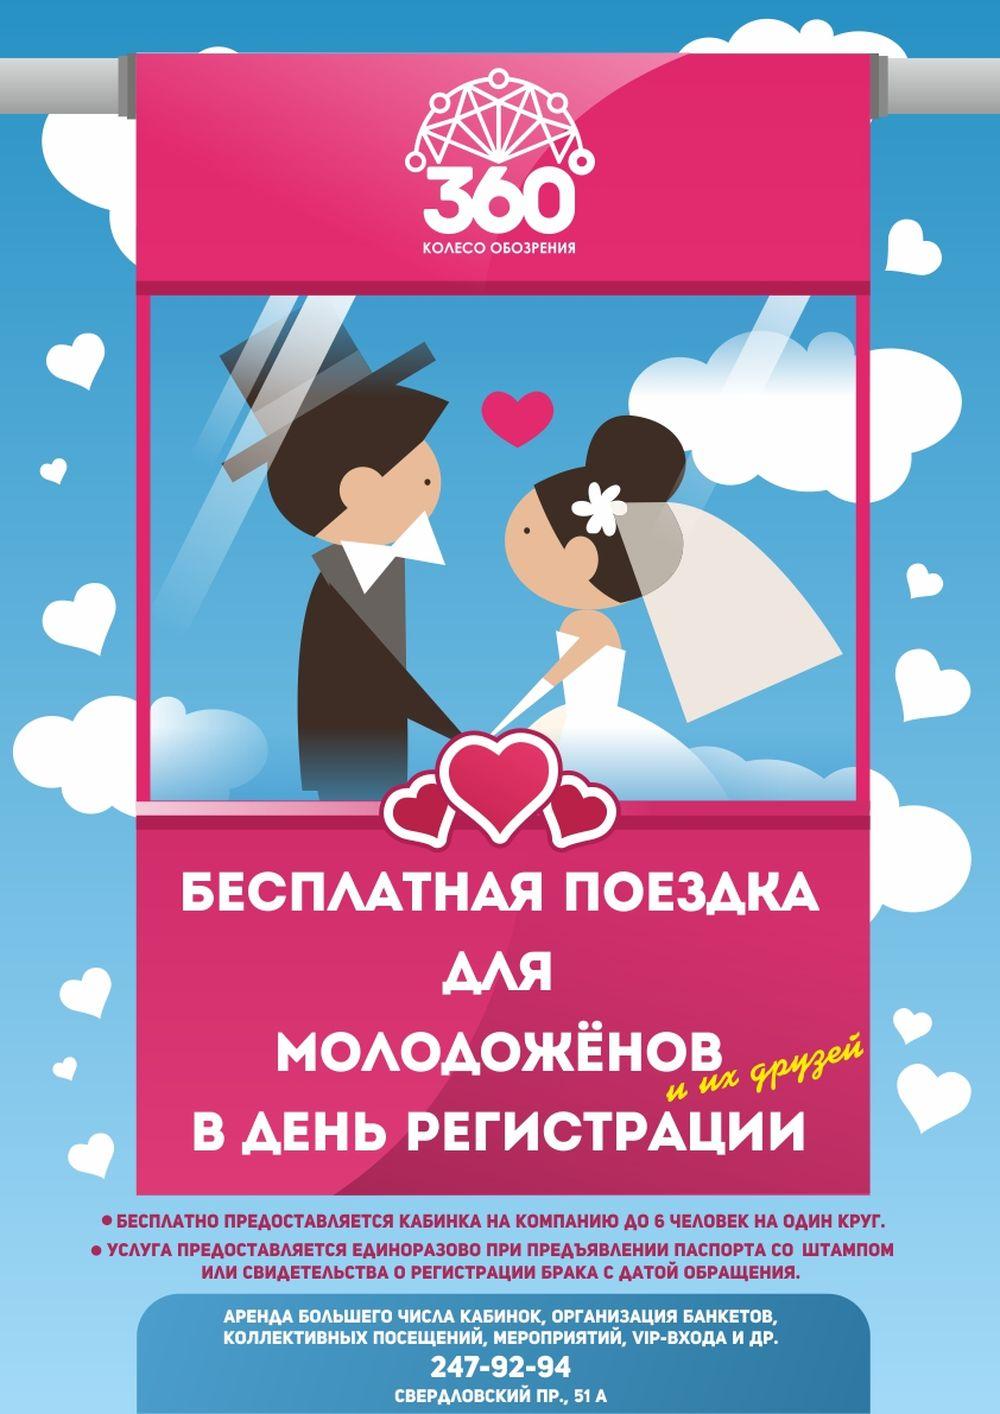 Благодаря услуге,брачующиеся могут сделать эффектные фотографии или просто насладиться знаменитым